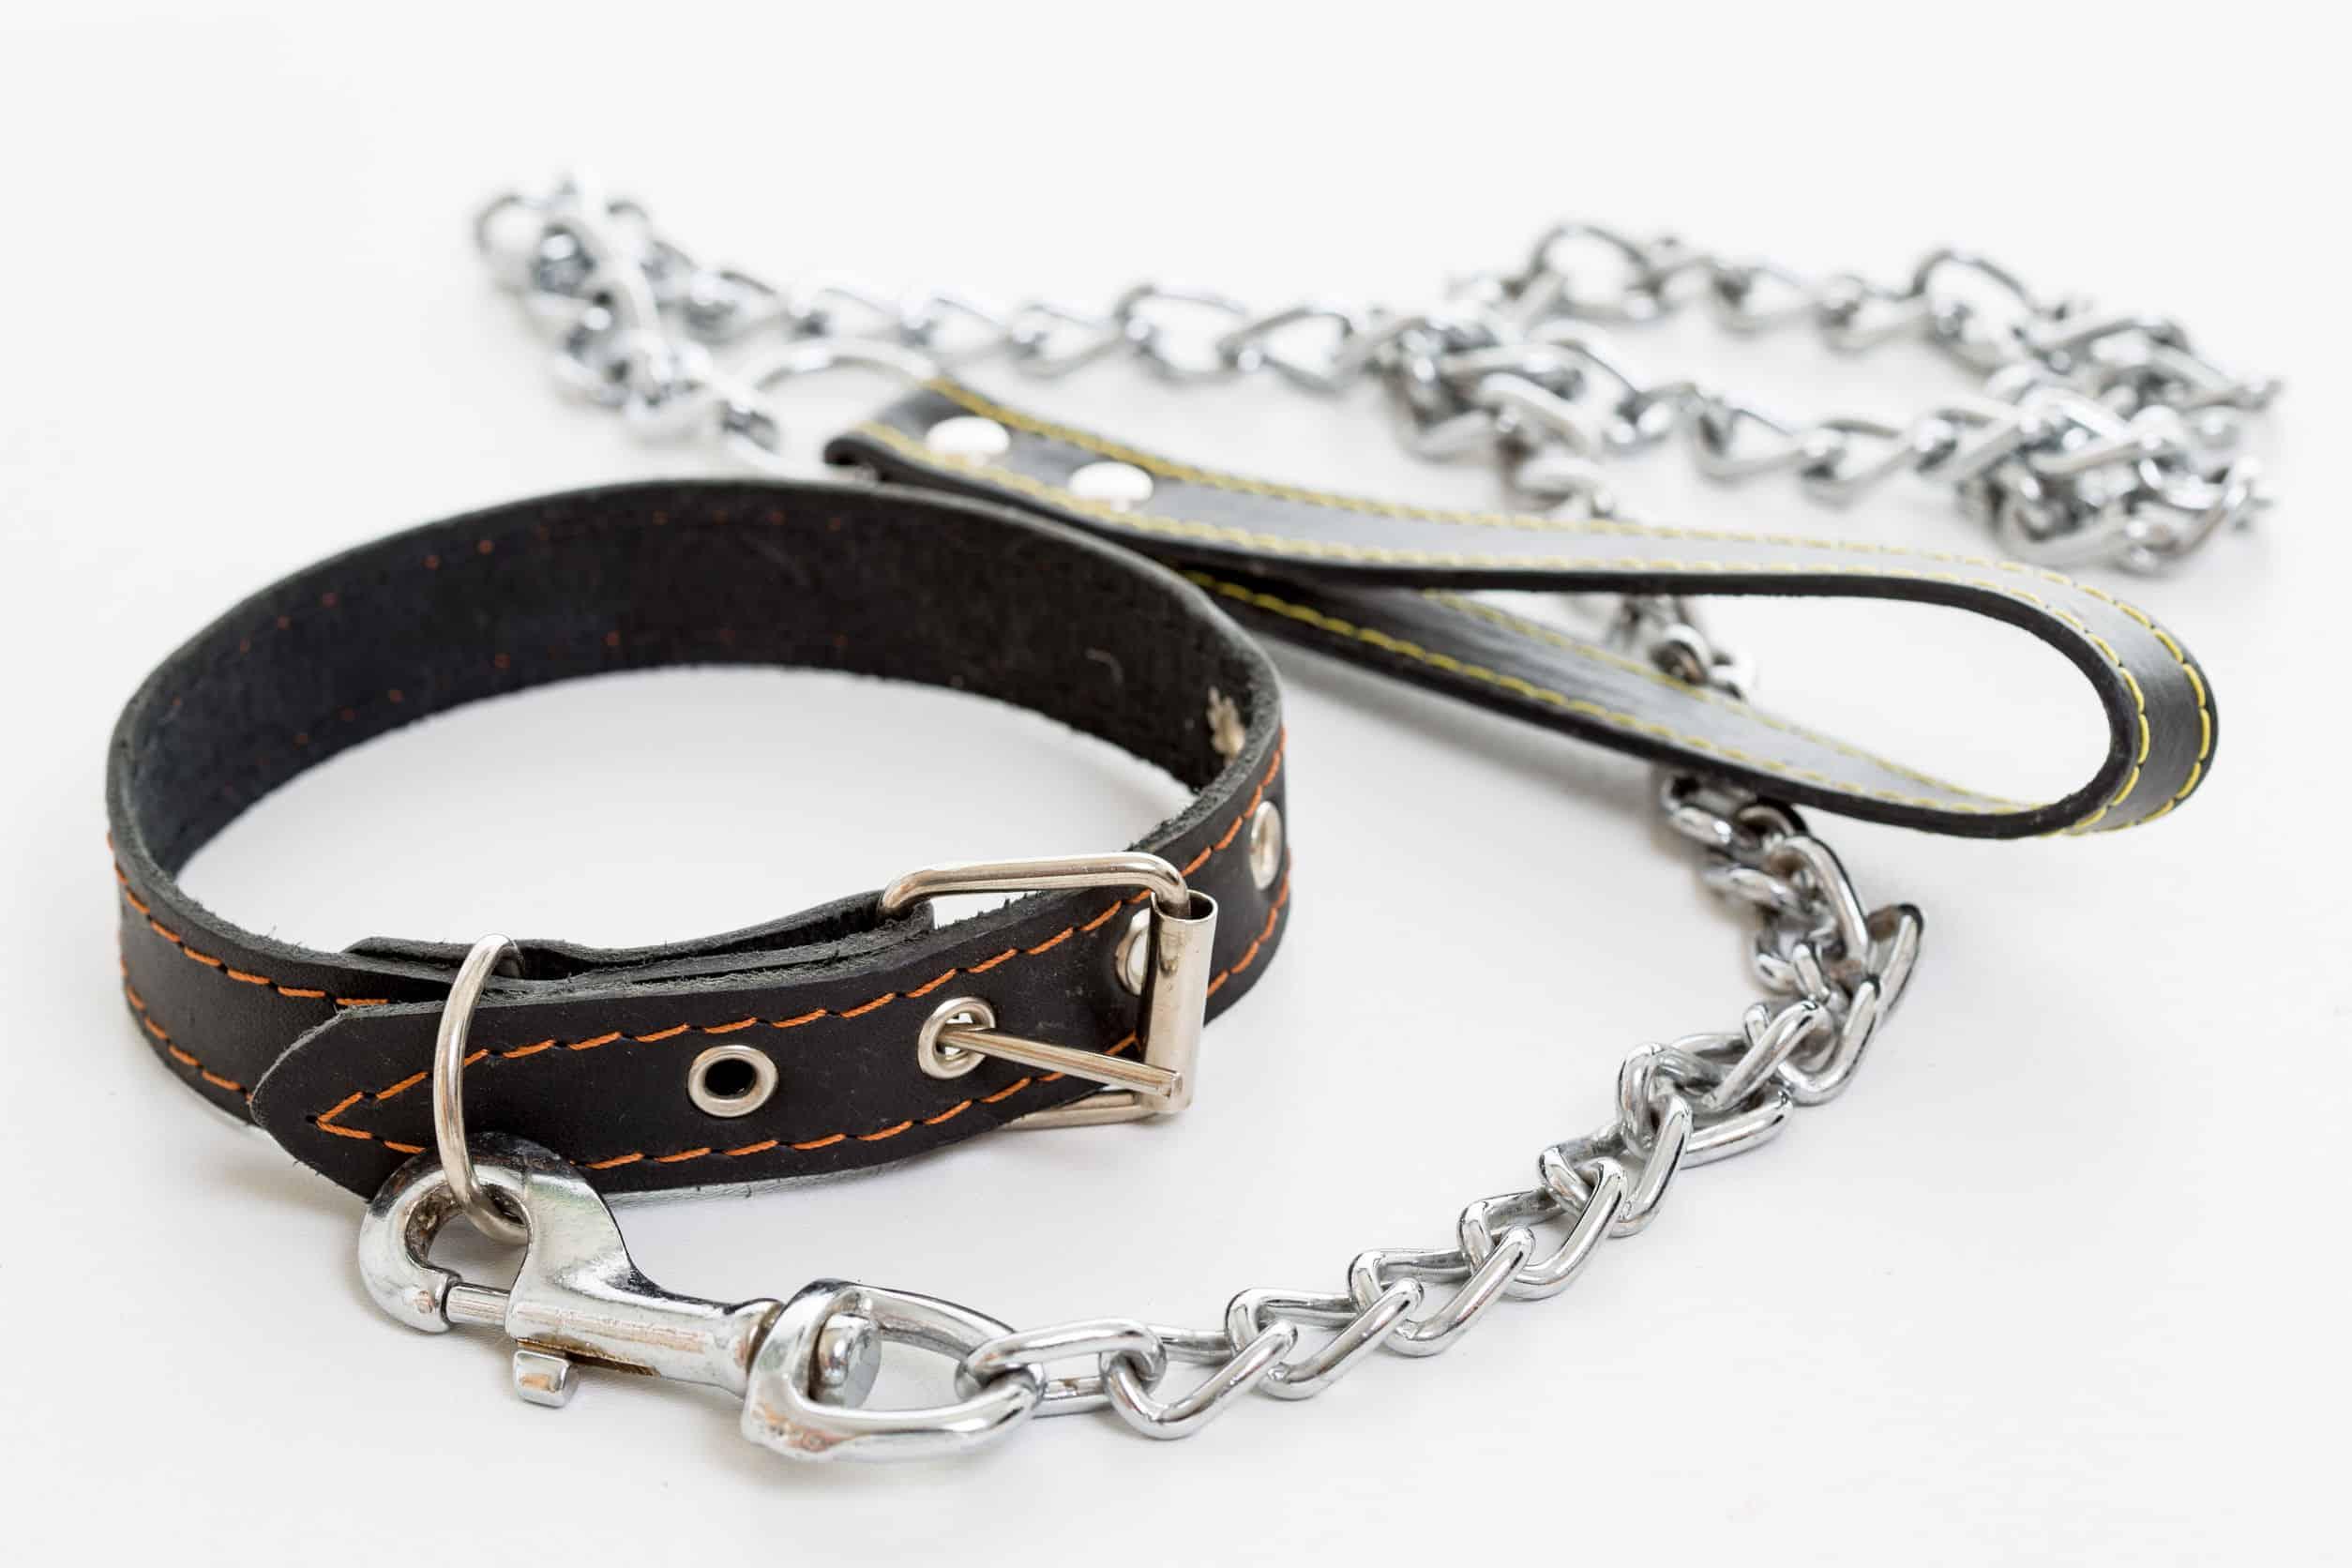 Hundehalsband: Test & Empfehlungen (04/21)